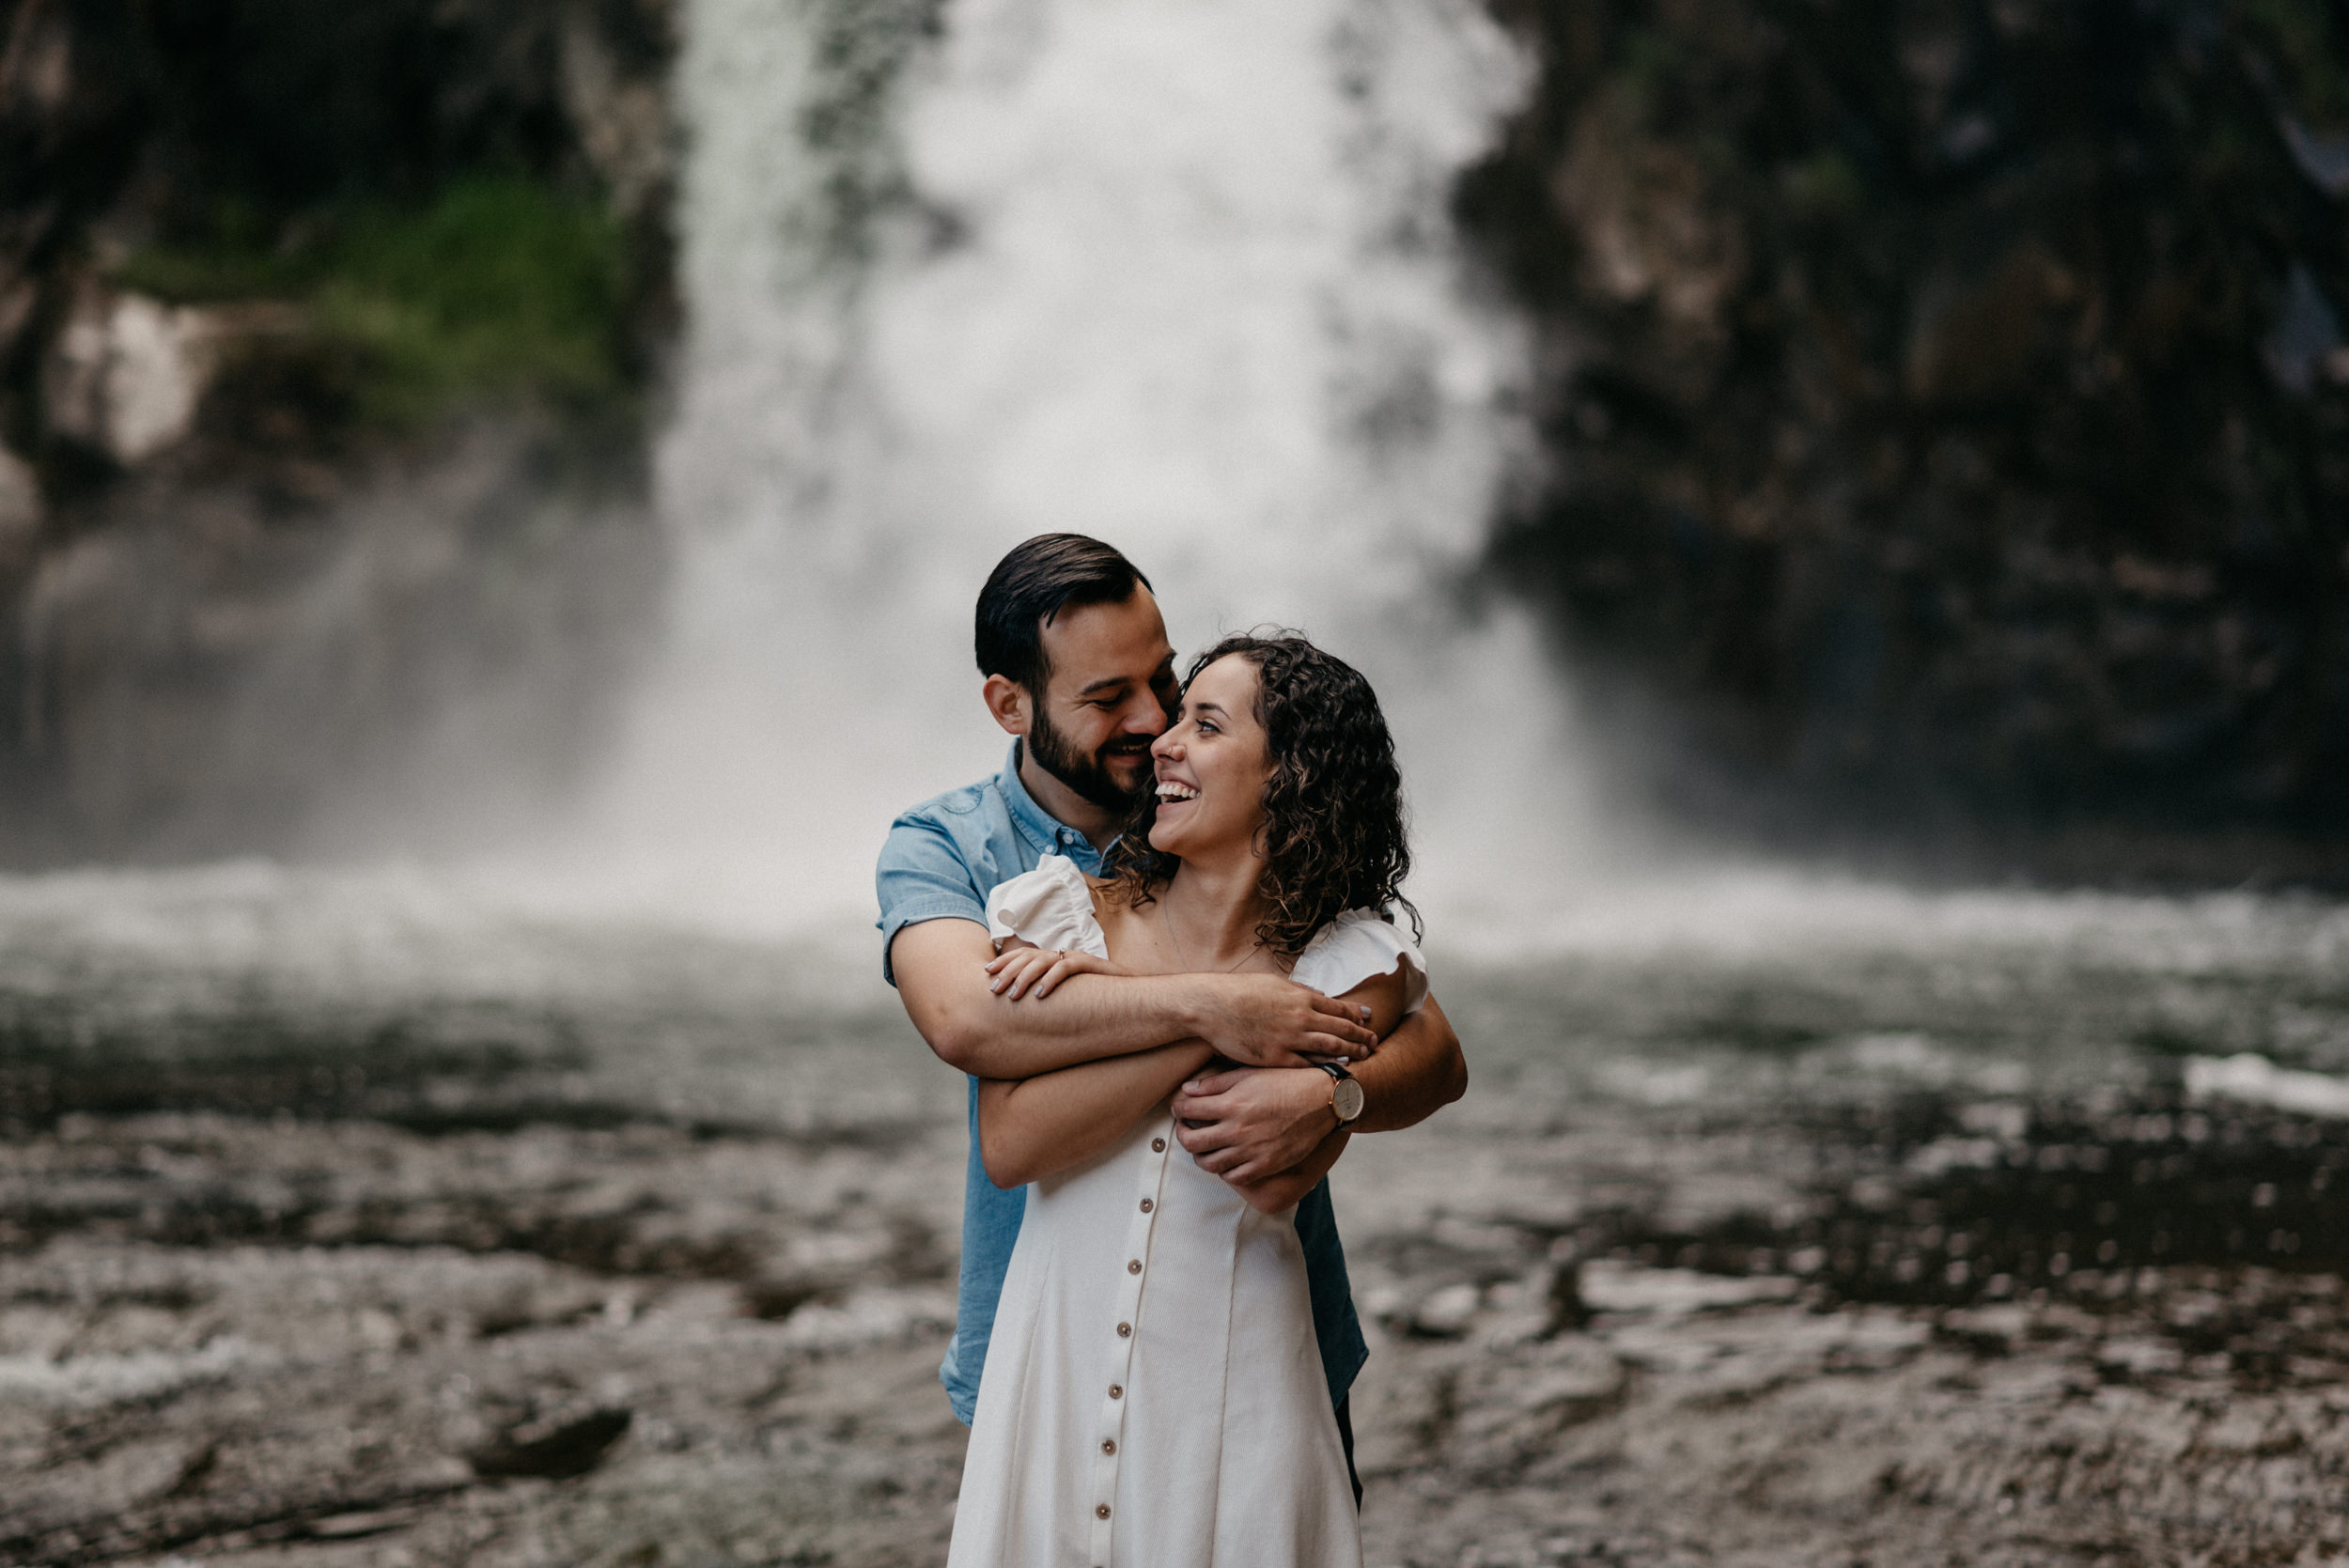 30-White-river-falls-state-park-engagement-5804.jpg